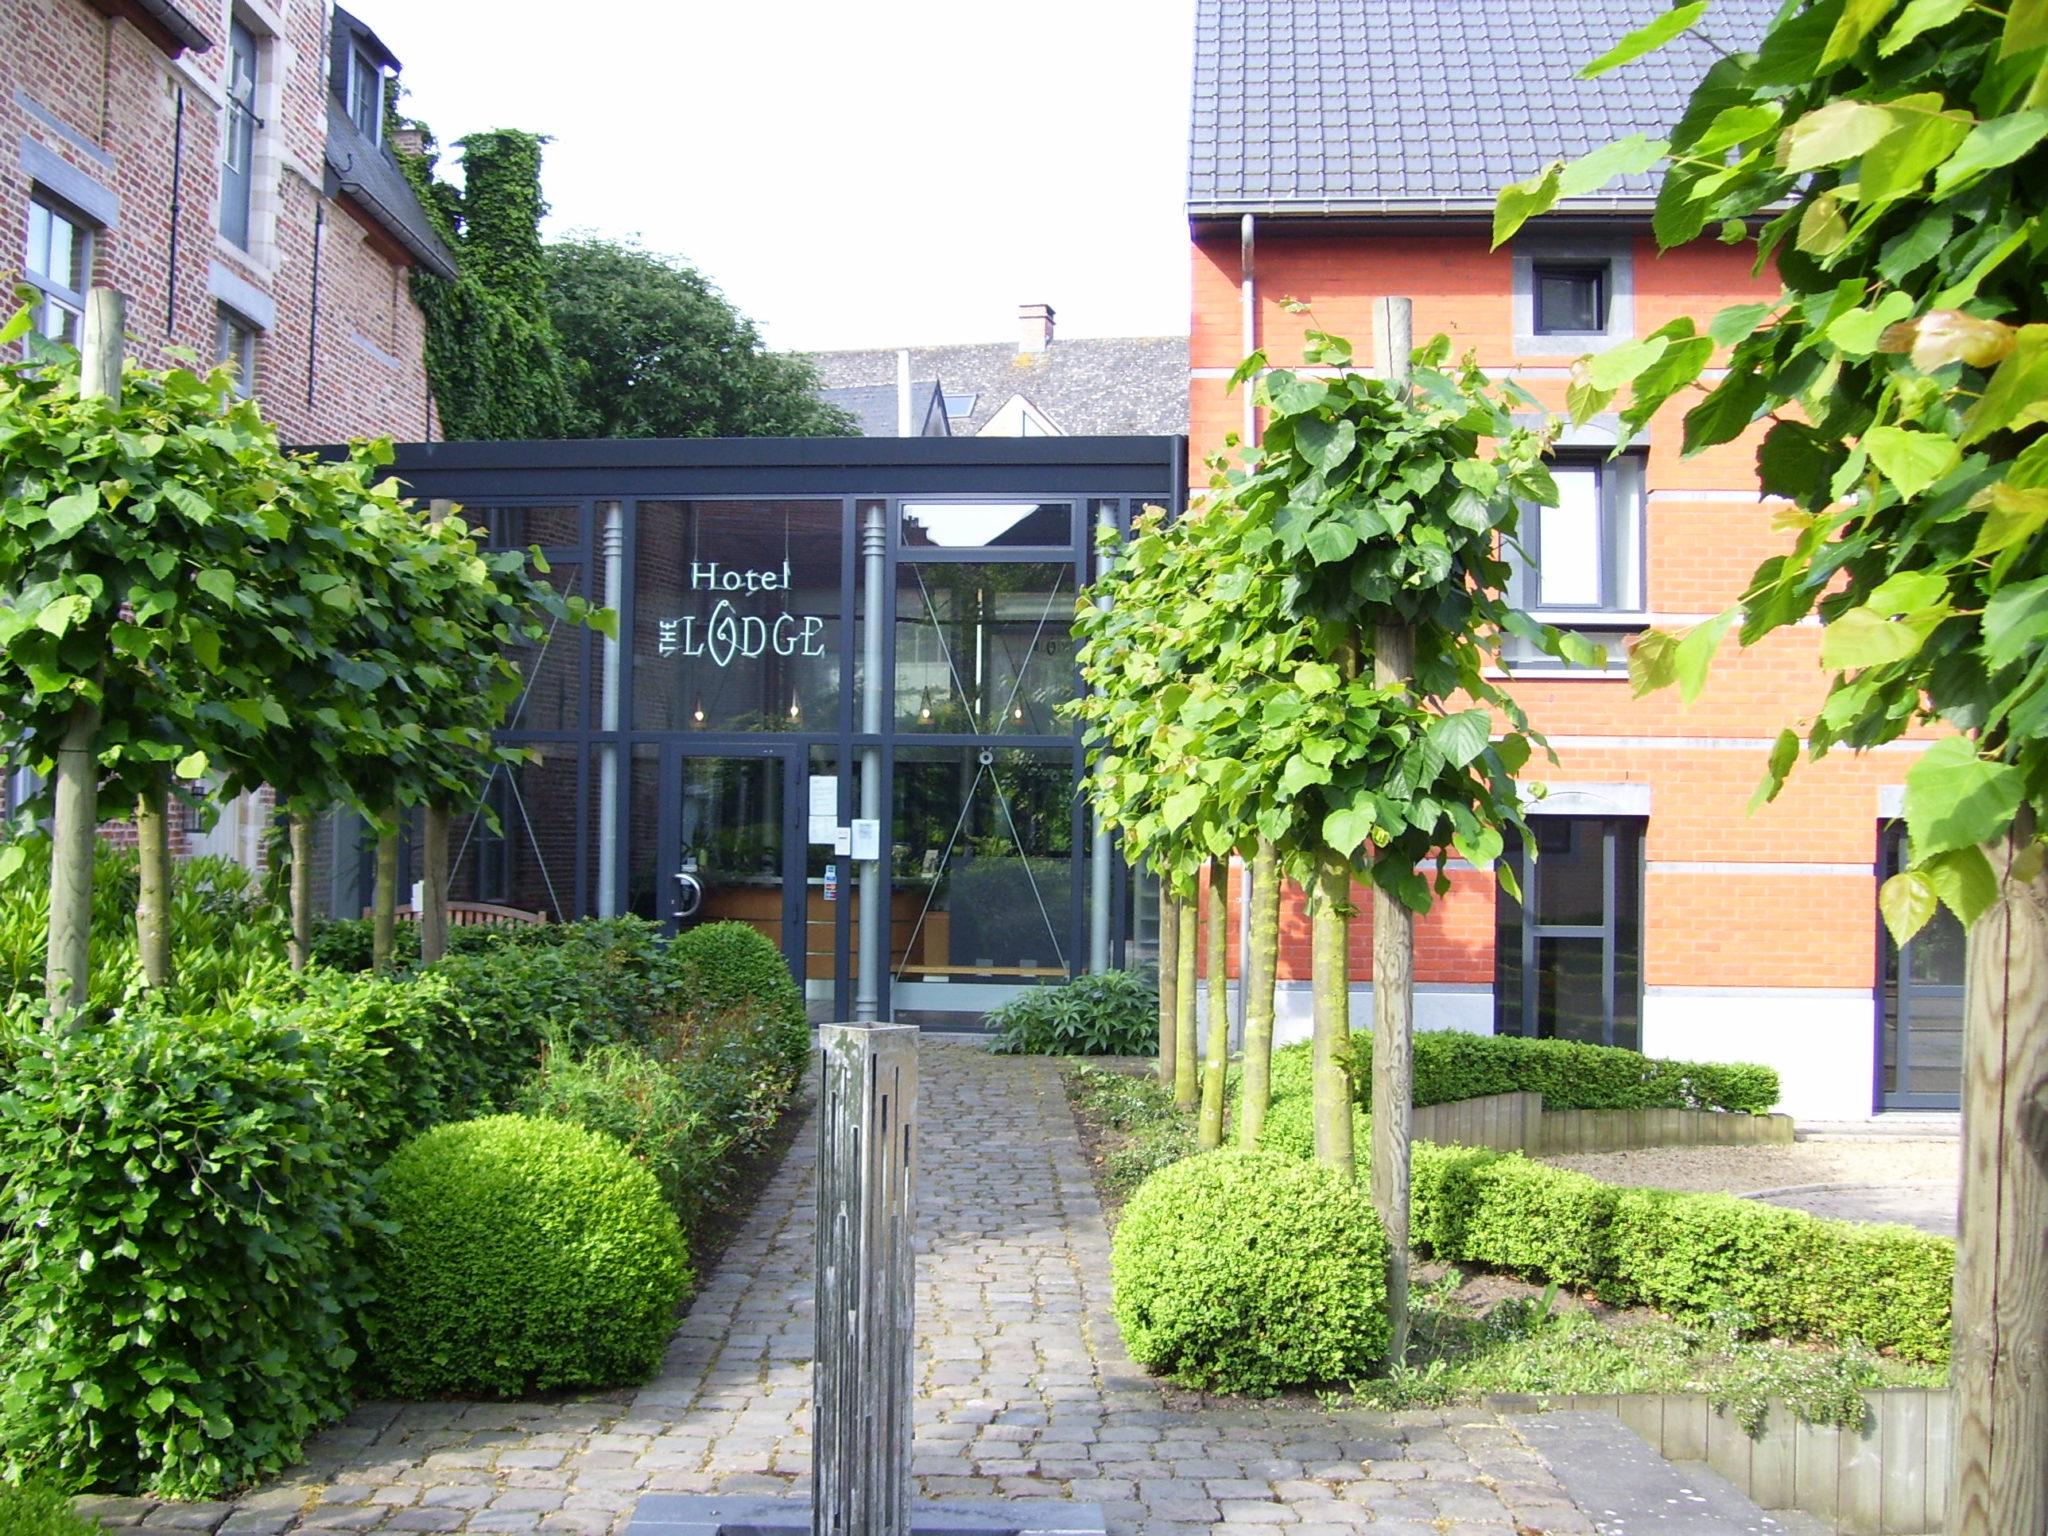 (Fietsvriendelijk) Hotel The Lodge in Diest.